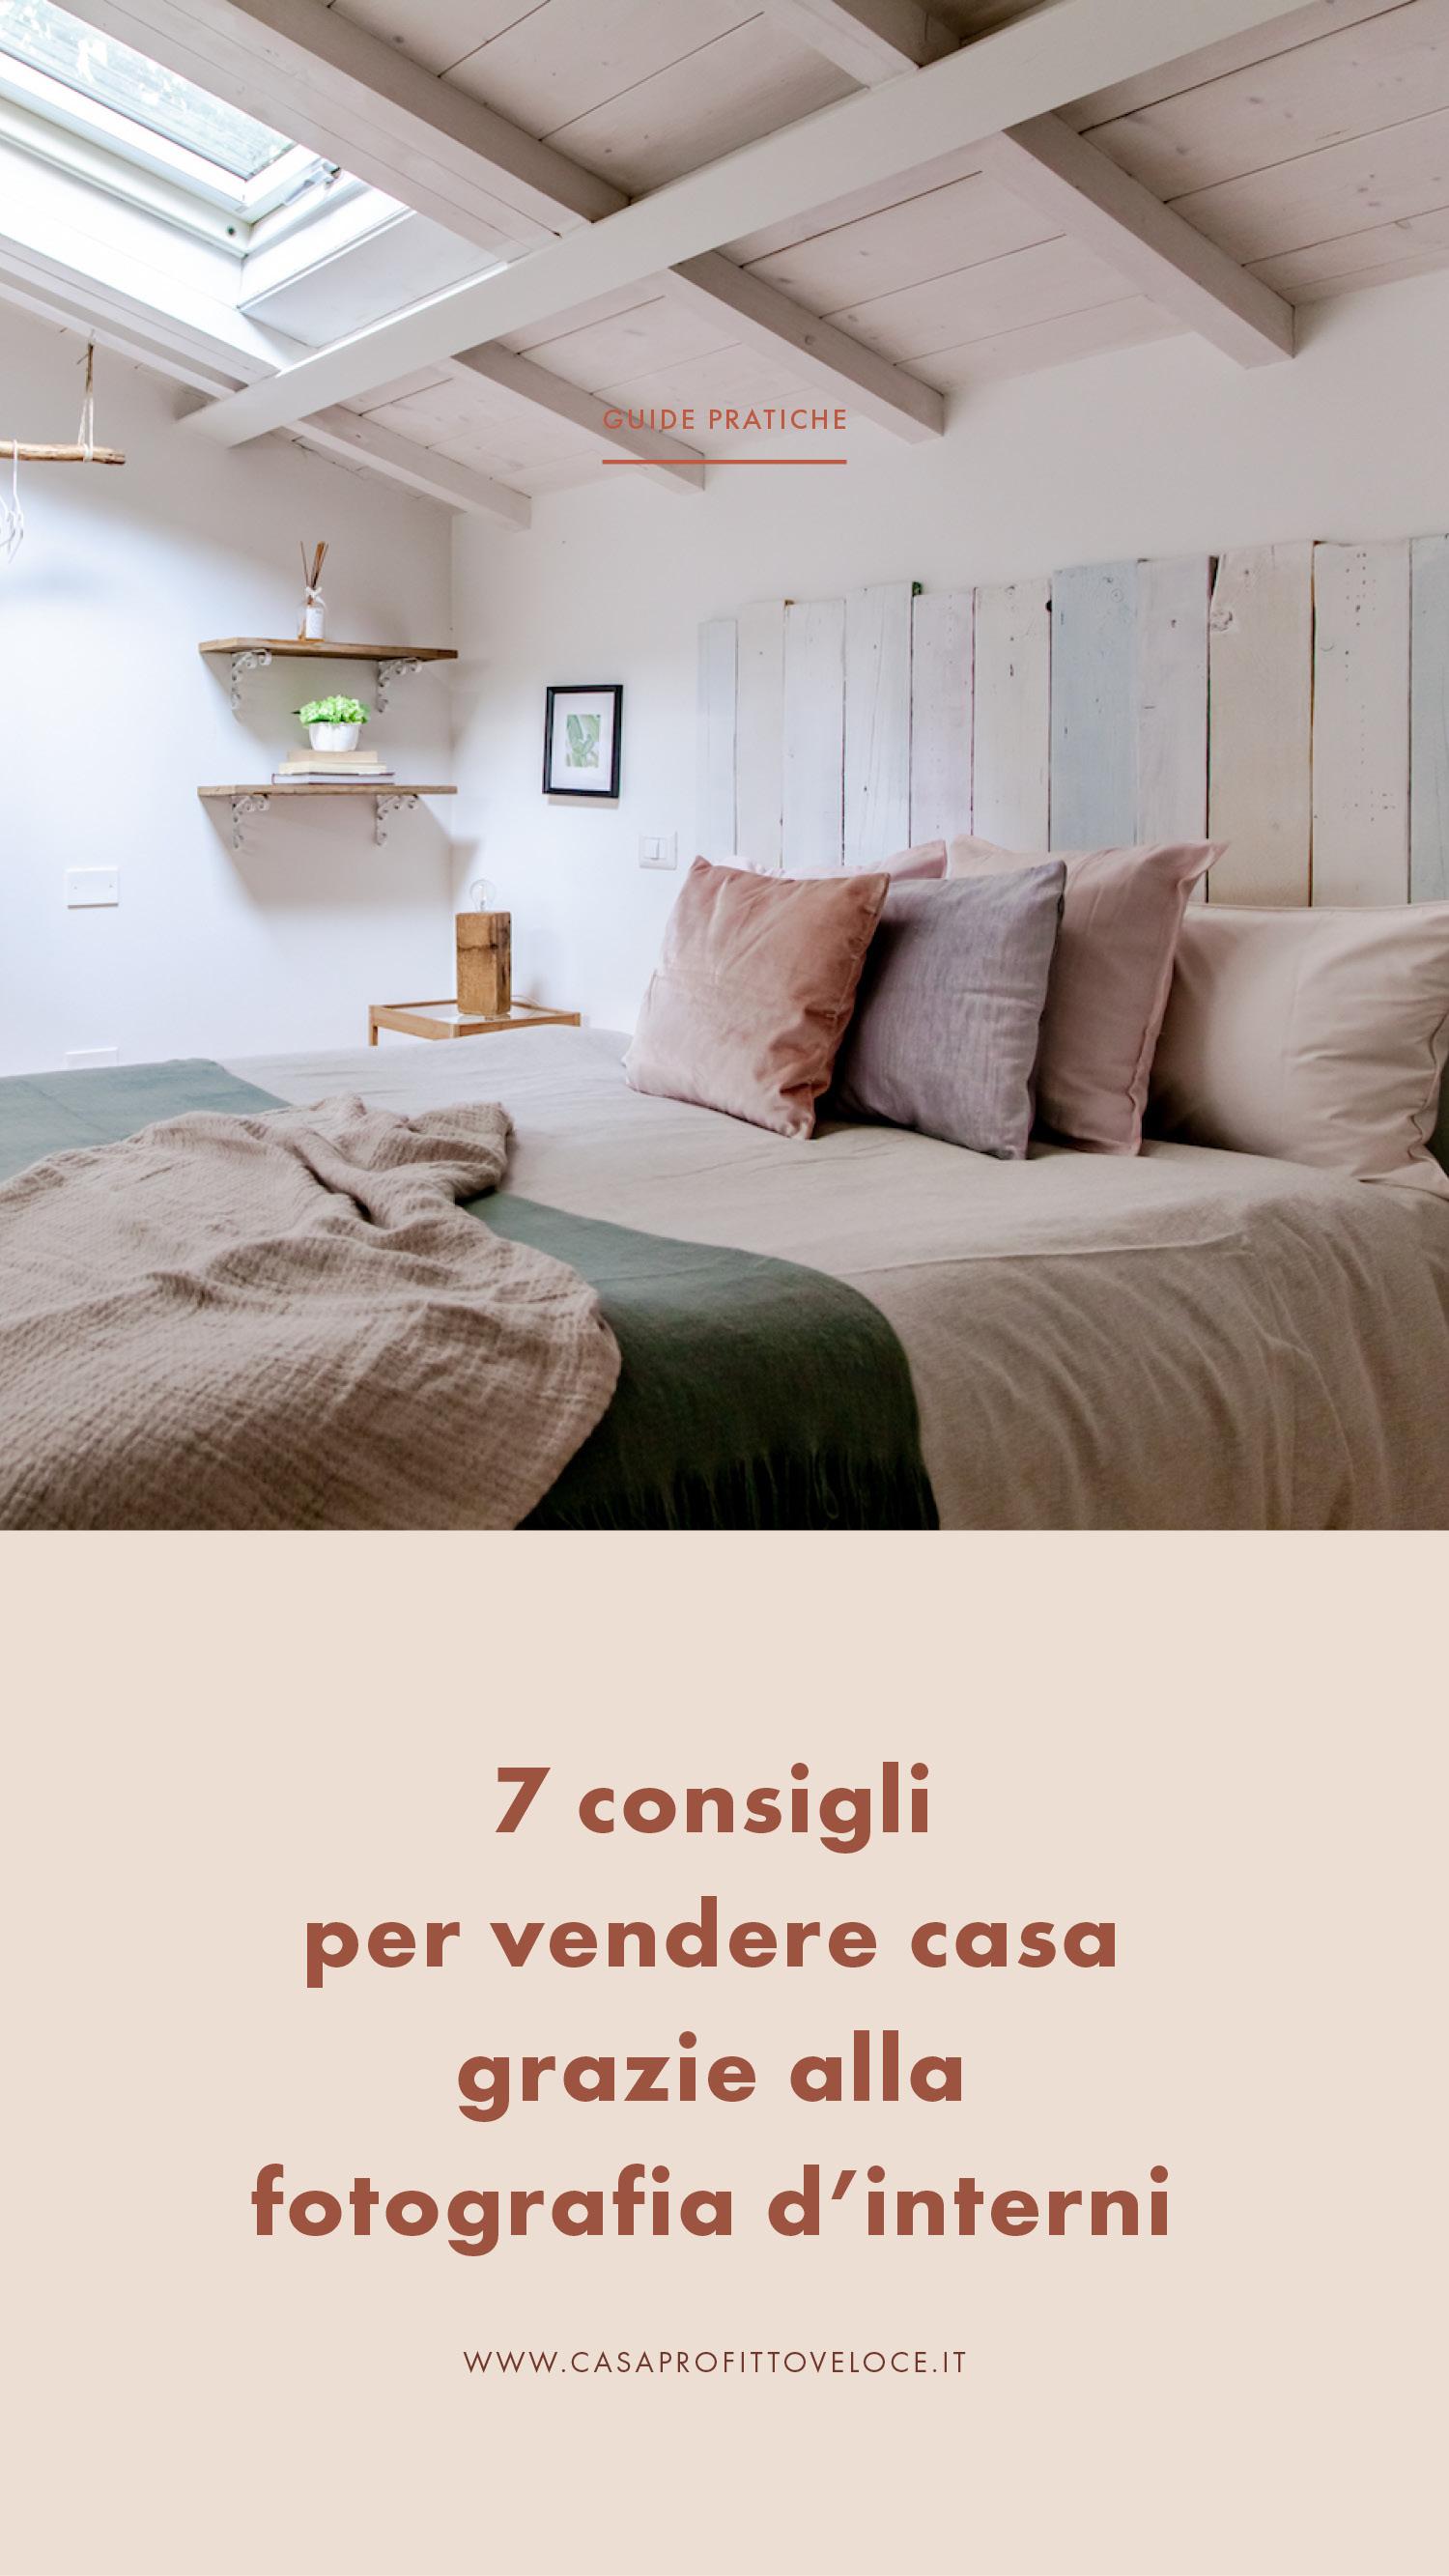 Consigli Per La Casa 7 consigli per vendere casa grazie alla fotografia d'interni